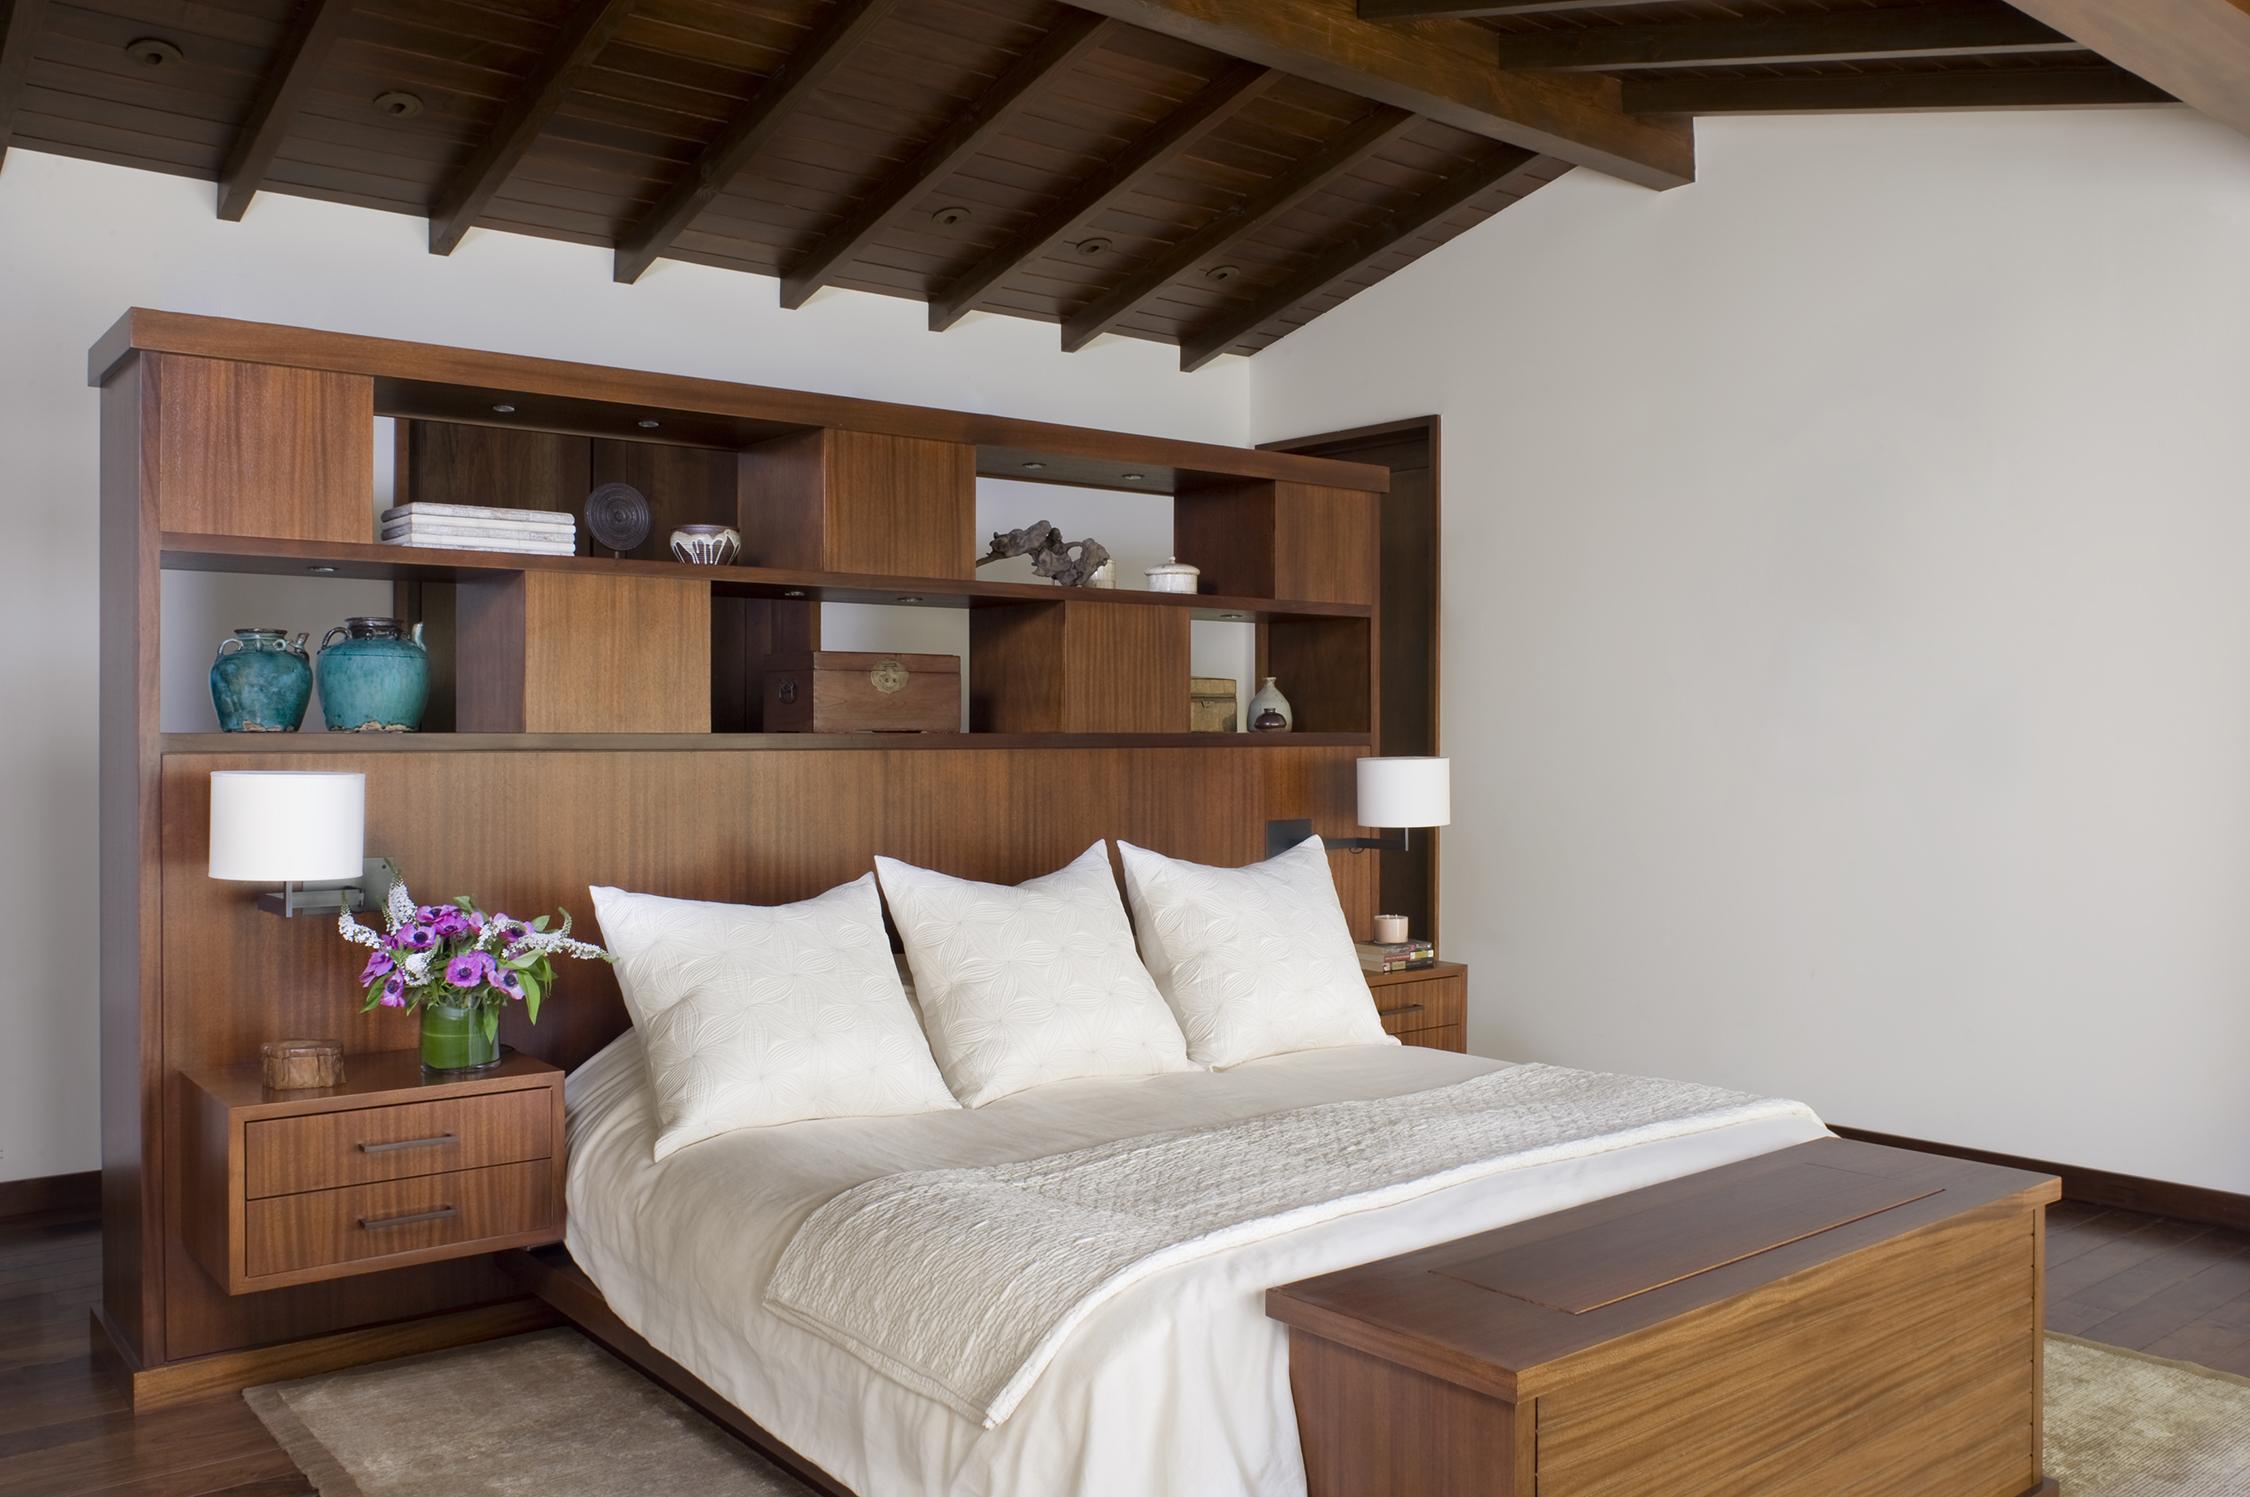 18 Zisette Master Bedroom Angle (1).jpg